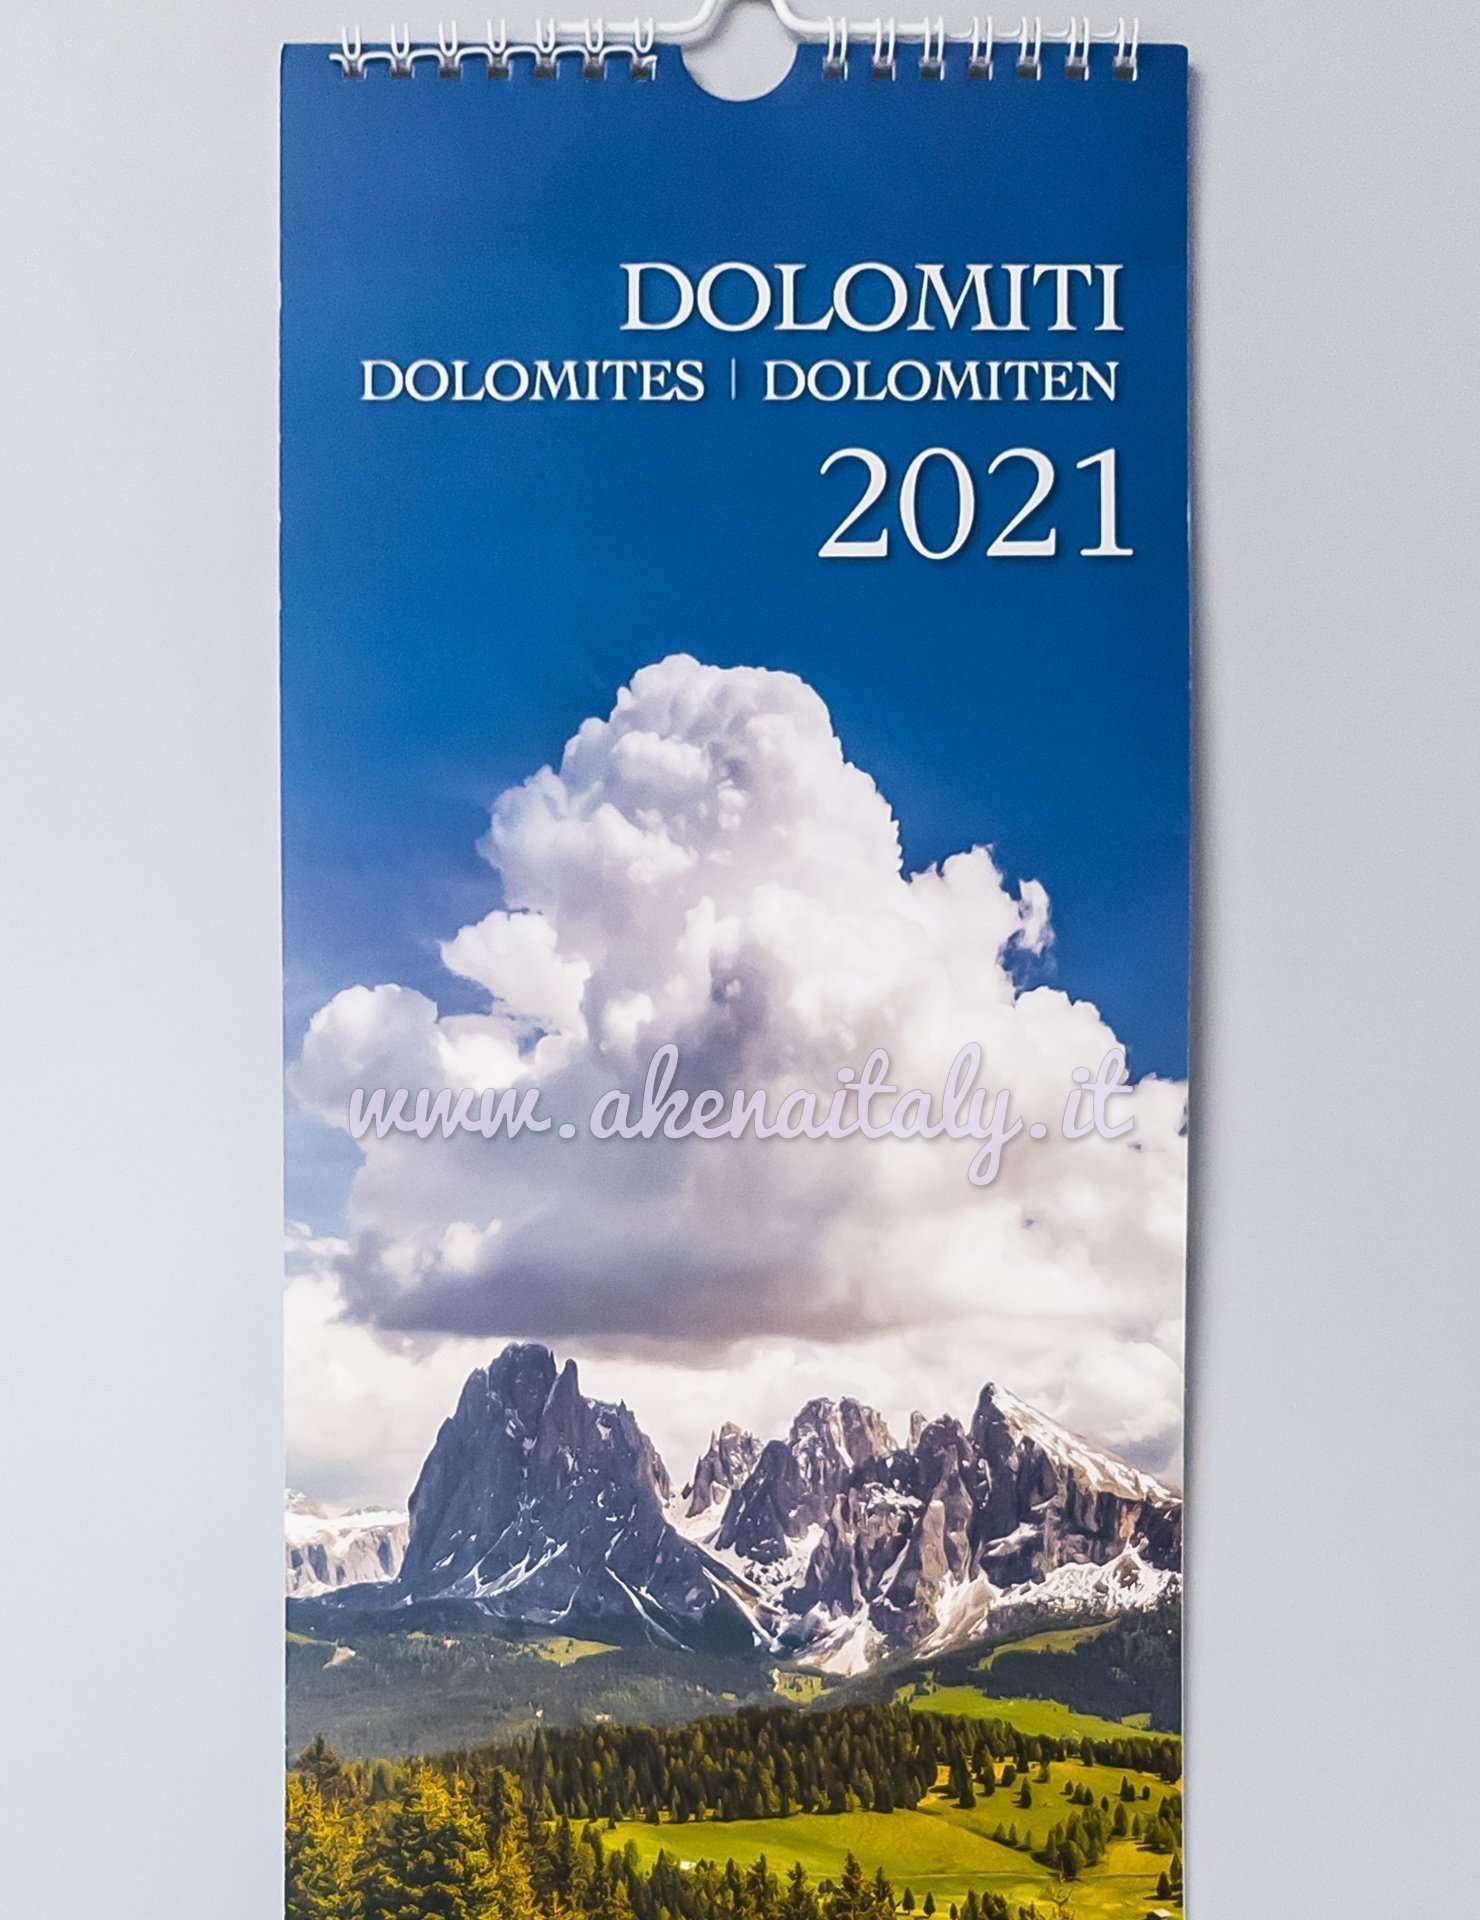 Calendario 2021 Dolomiti Calendario da parete Dolomiti 2021   Akena